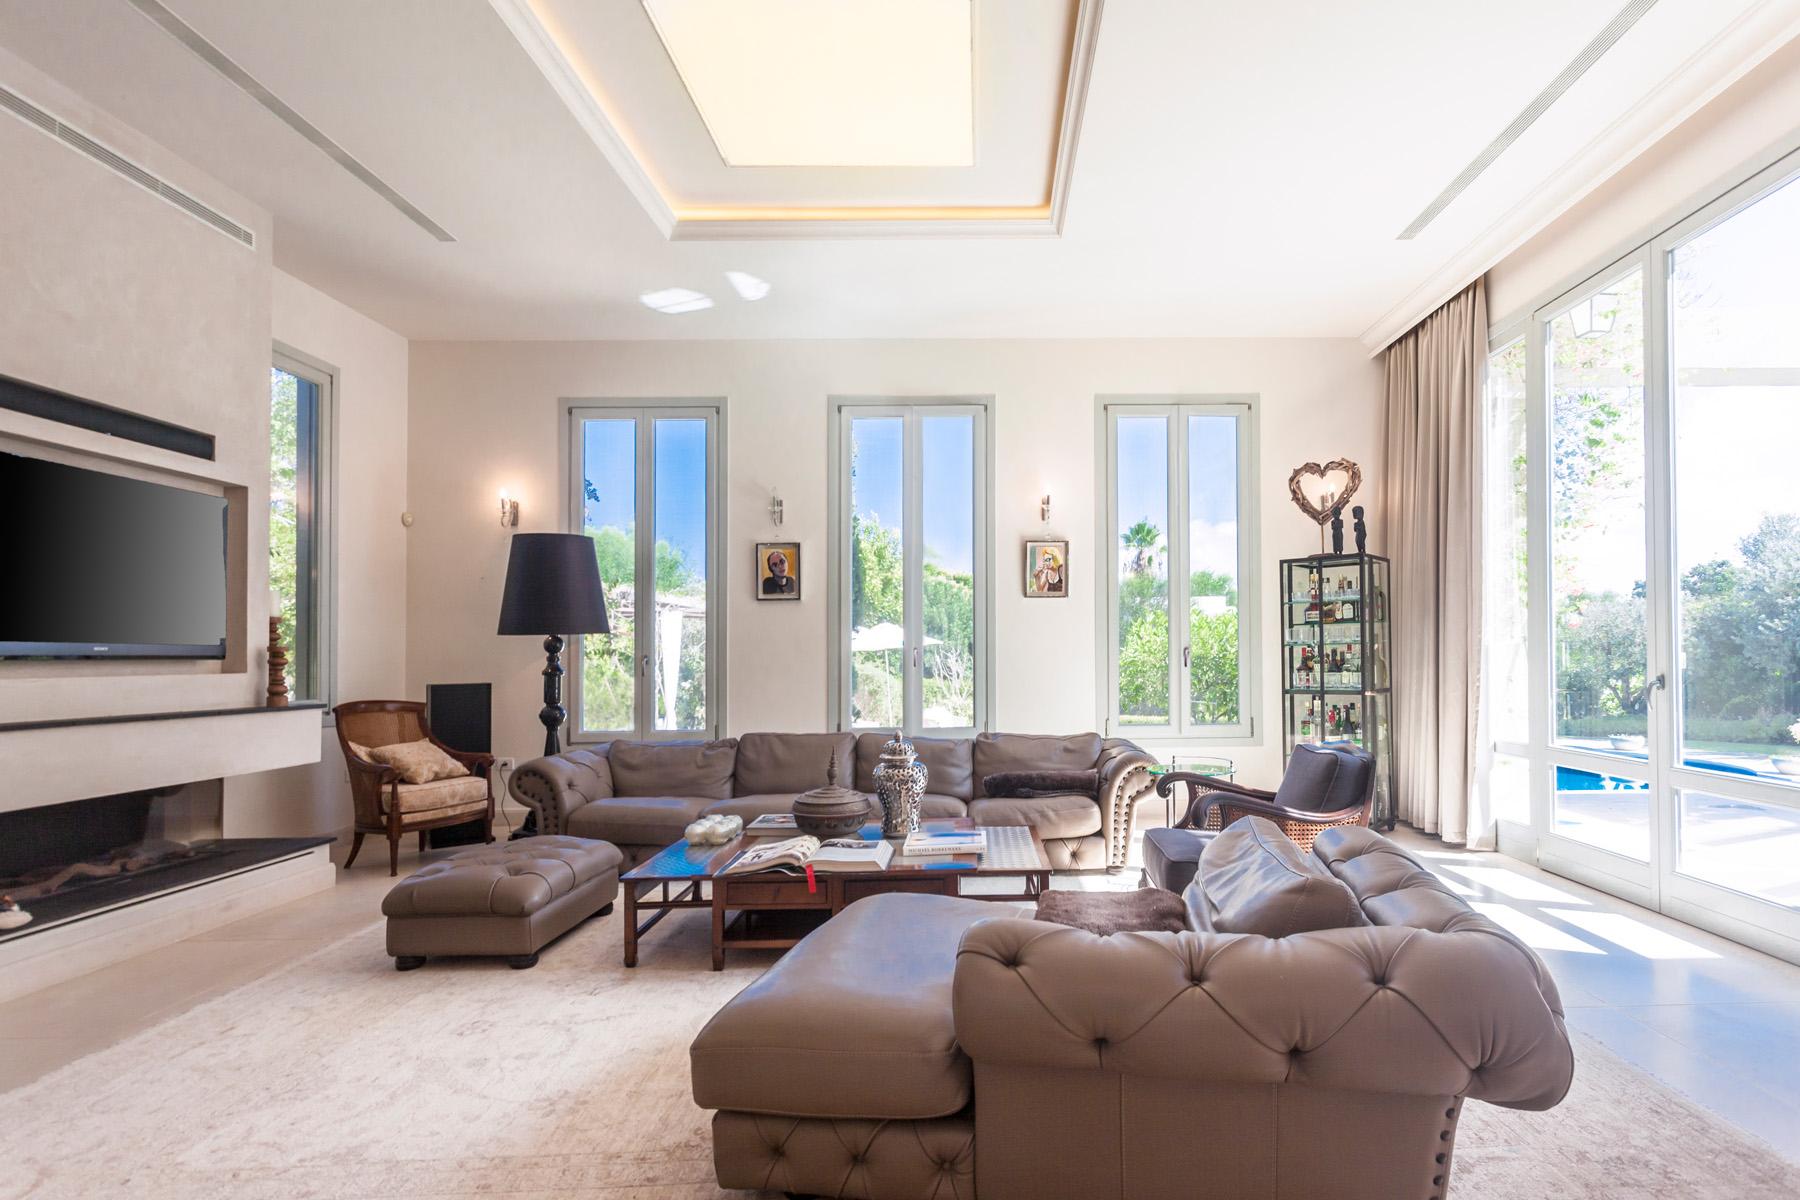 עיצוב הבית בסגנון קלאסי מודרני